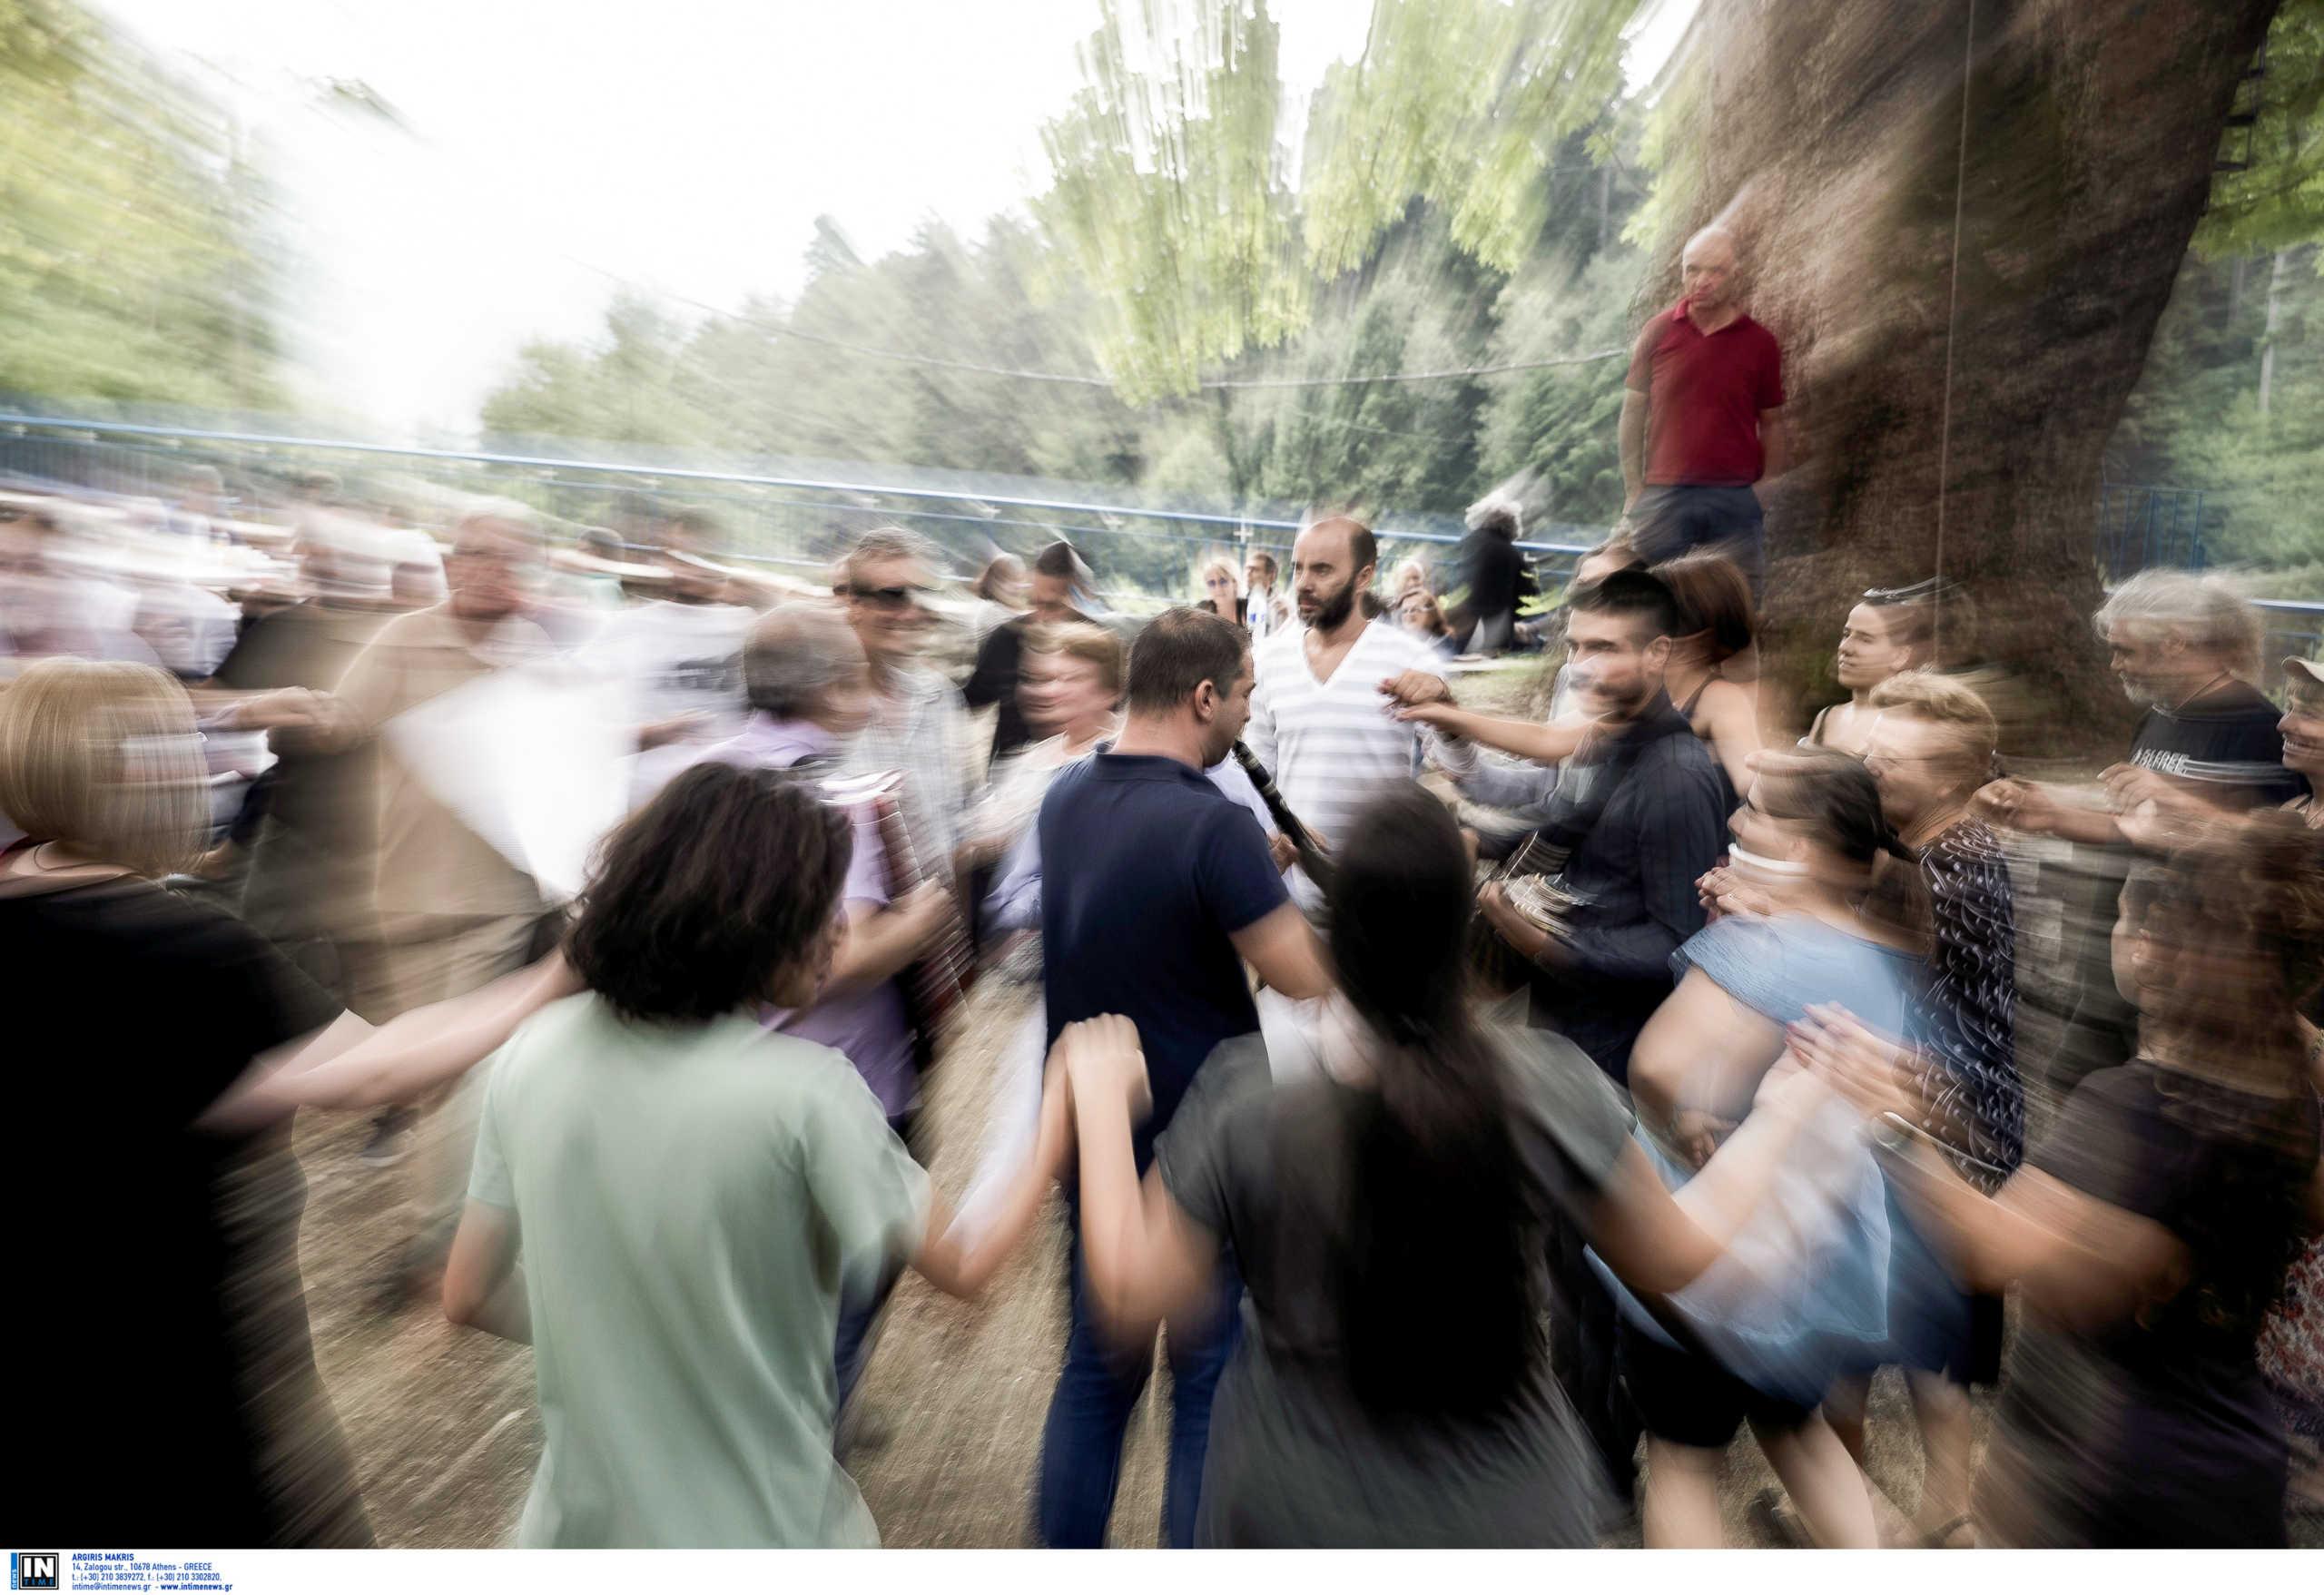 Ηχούν… καμπάνες για τον κορονοϊό – Νέα μέτρα εξετάζει η κυβέρνηση, κρίσιμο το Σαββατοκύριακο